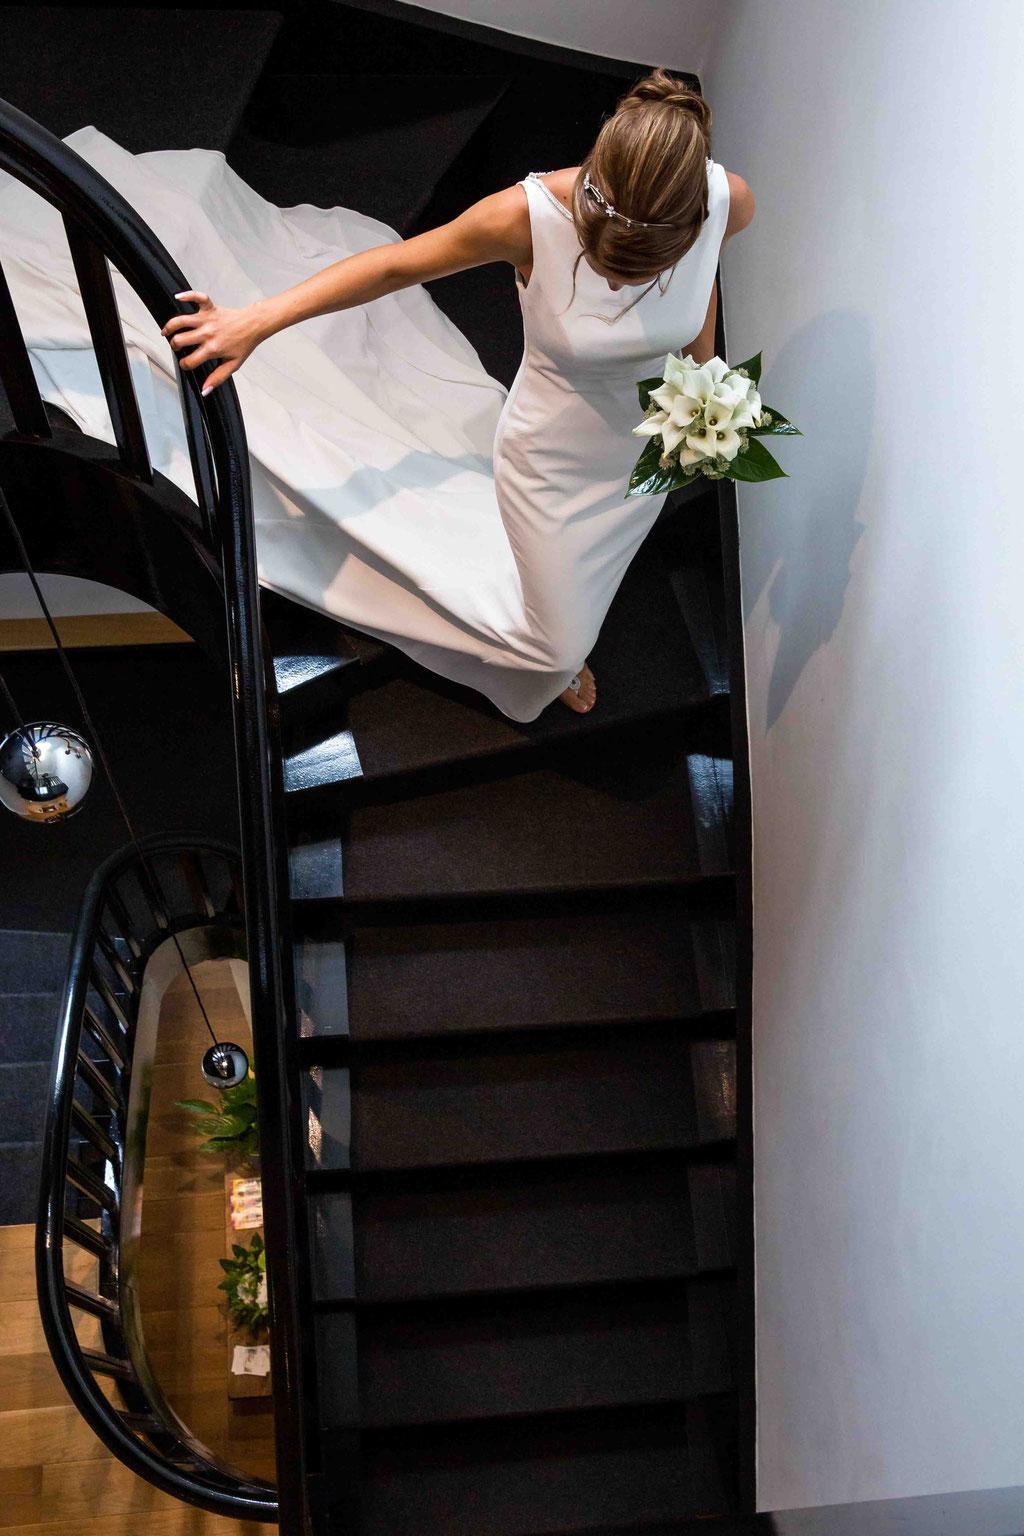 Hochzeitsfotograf, Steffens Herrenmühle - Herrenmühle 4, 3755 Alzenau, Hochzeitsreportage, Hochzeitsfotos, Brautfoto, Brautbilder, Hochzeitsbild der Braut, Hochzeitsfotograf Hofheim am Taunus, Hochzeitsfotografin